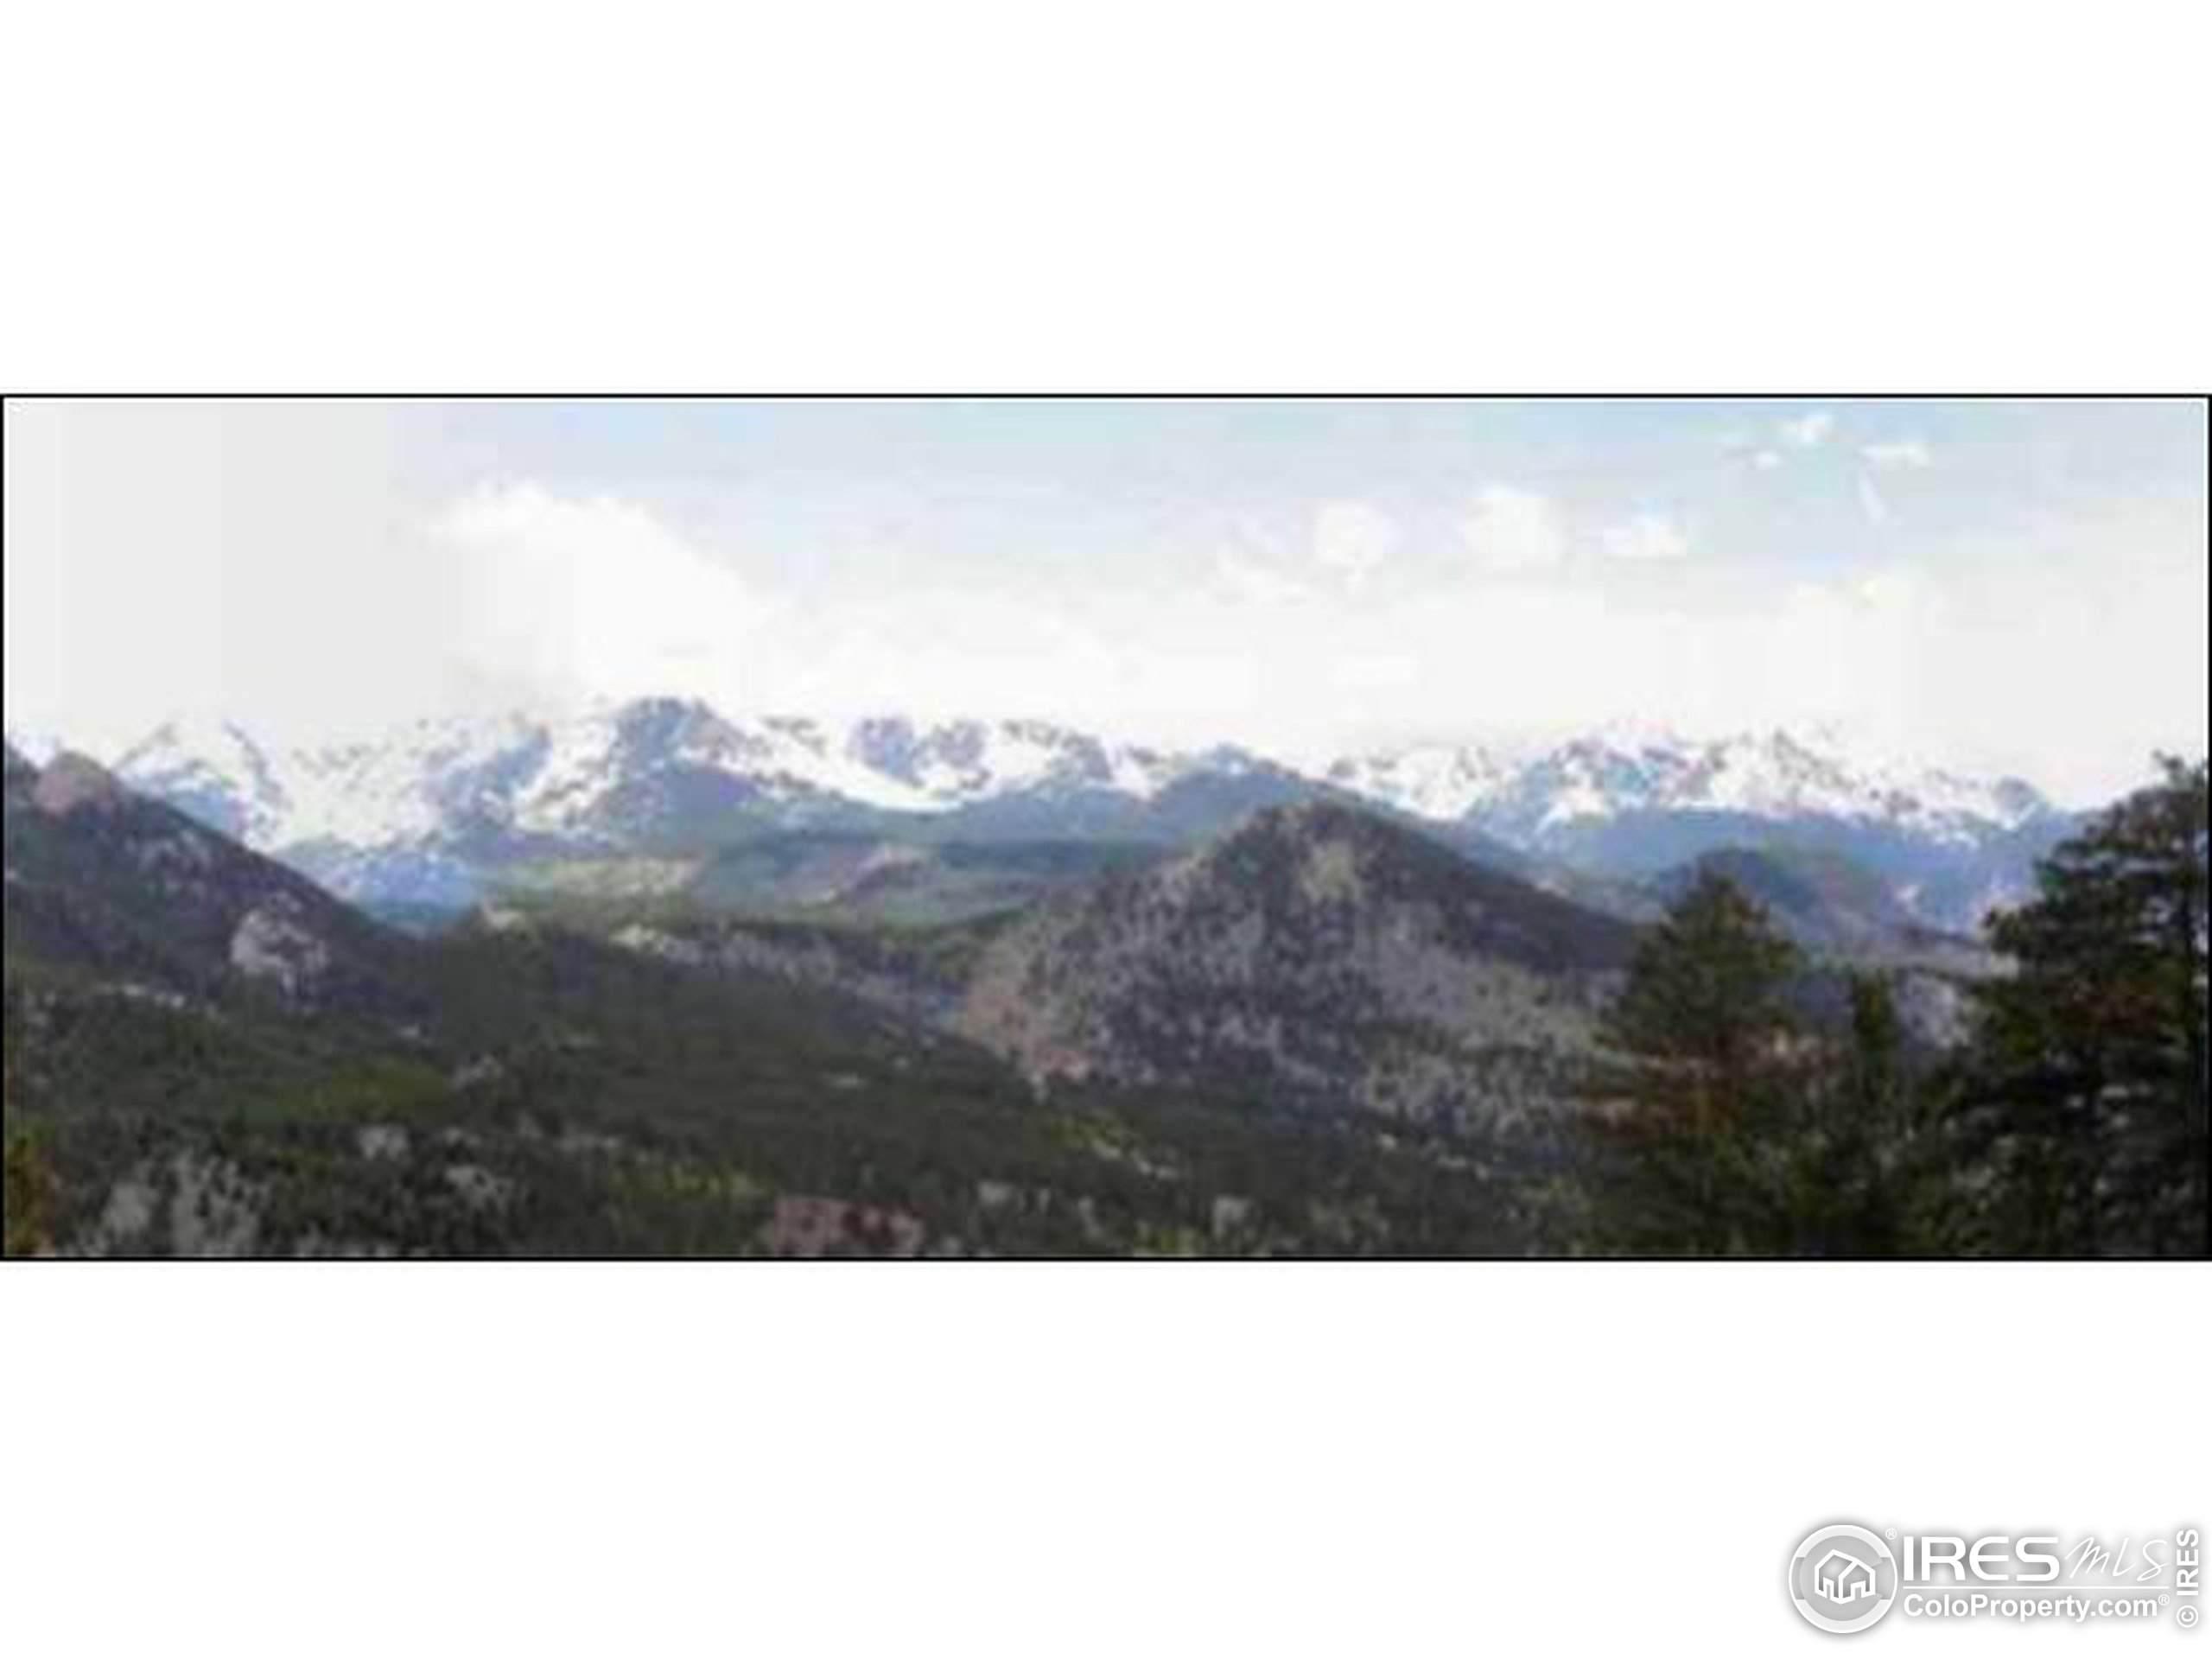 2531 Pine Meadow Dr, Estes Park, CO 80517 (MLS #824906) :: 8z Real Estate